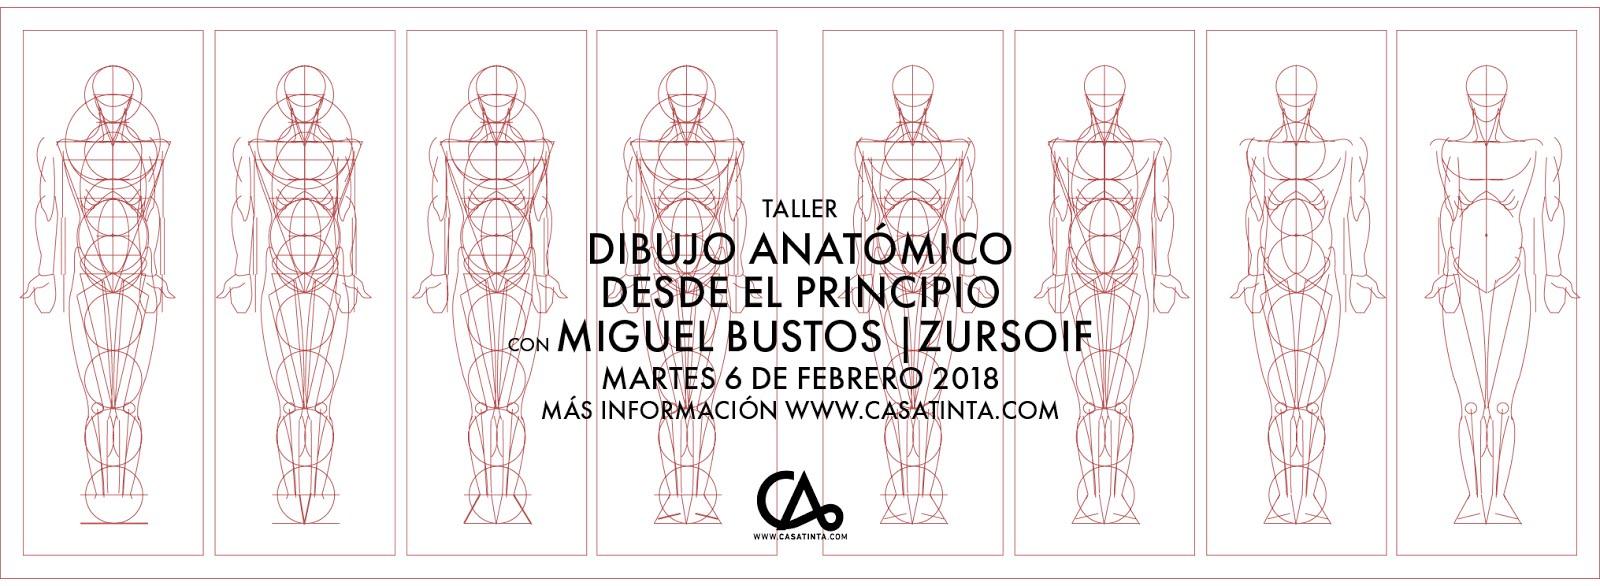 DIBUJO ANATÓMICO DESDE EL PRINCIPIO // 6 de feb